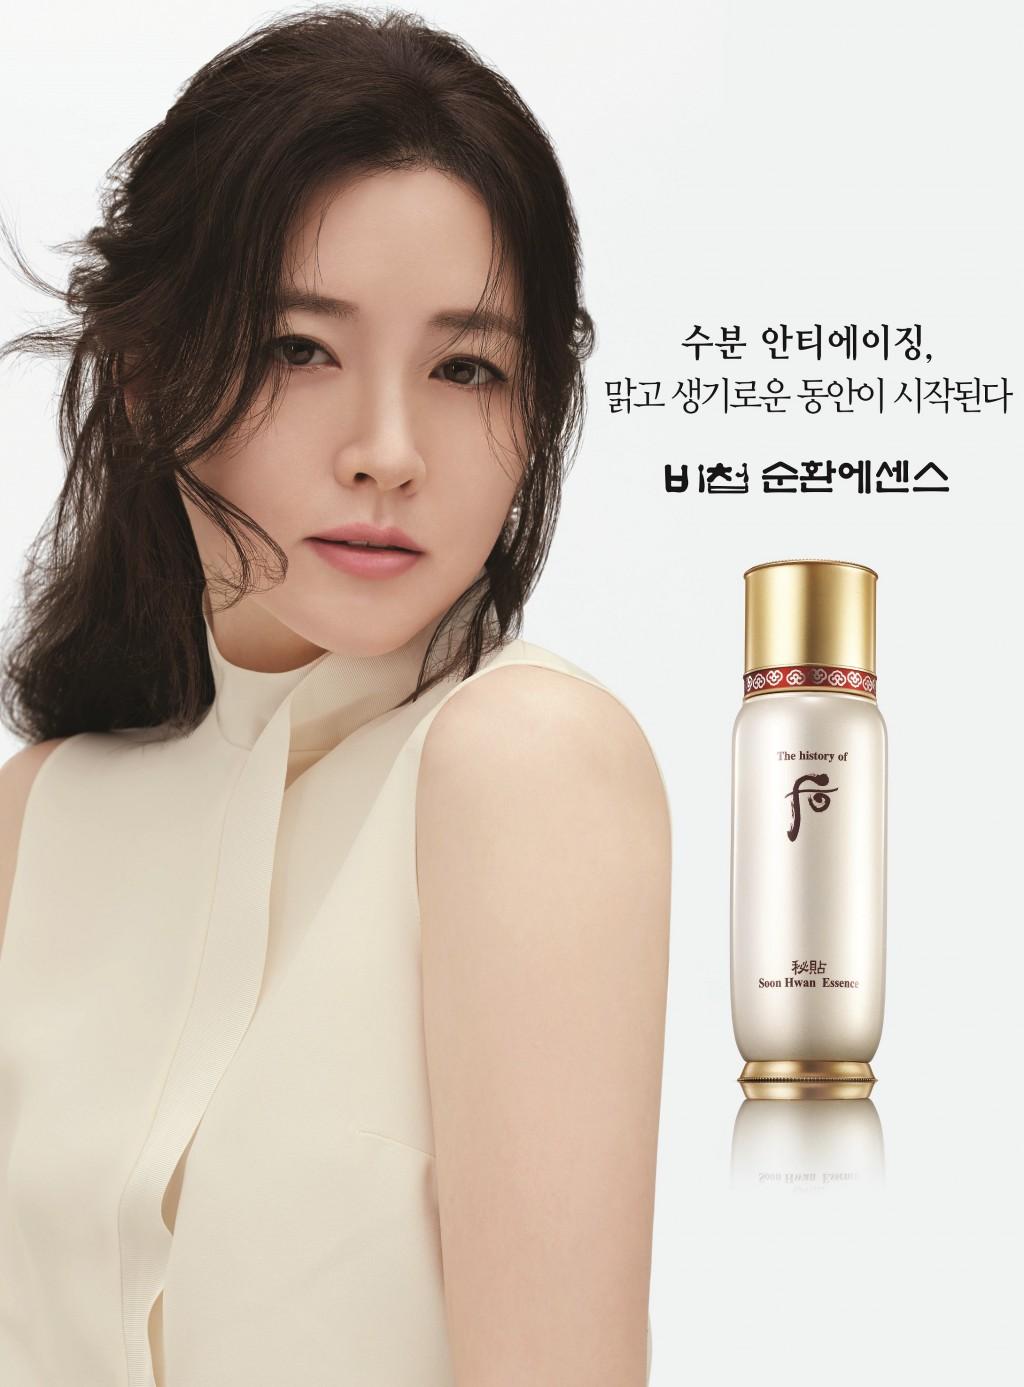 Bicheop Soon hwan Essence